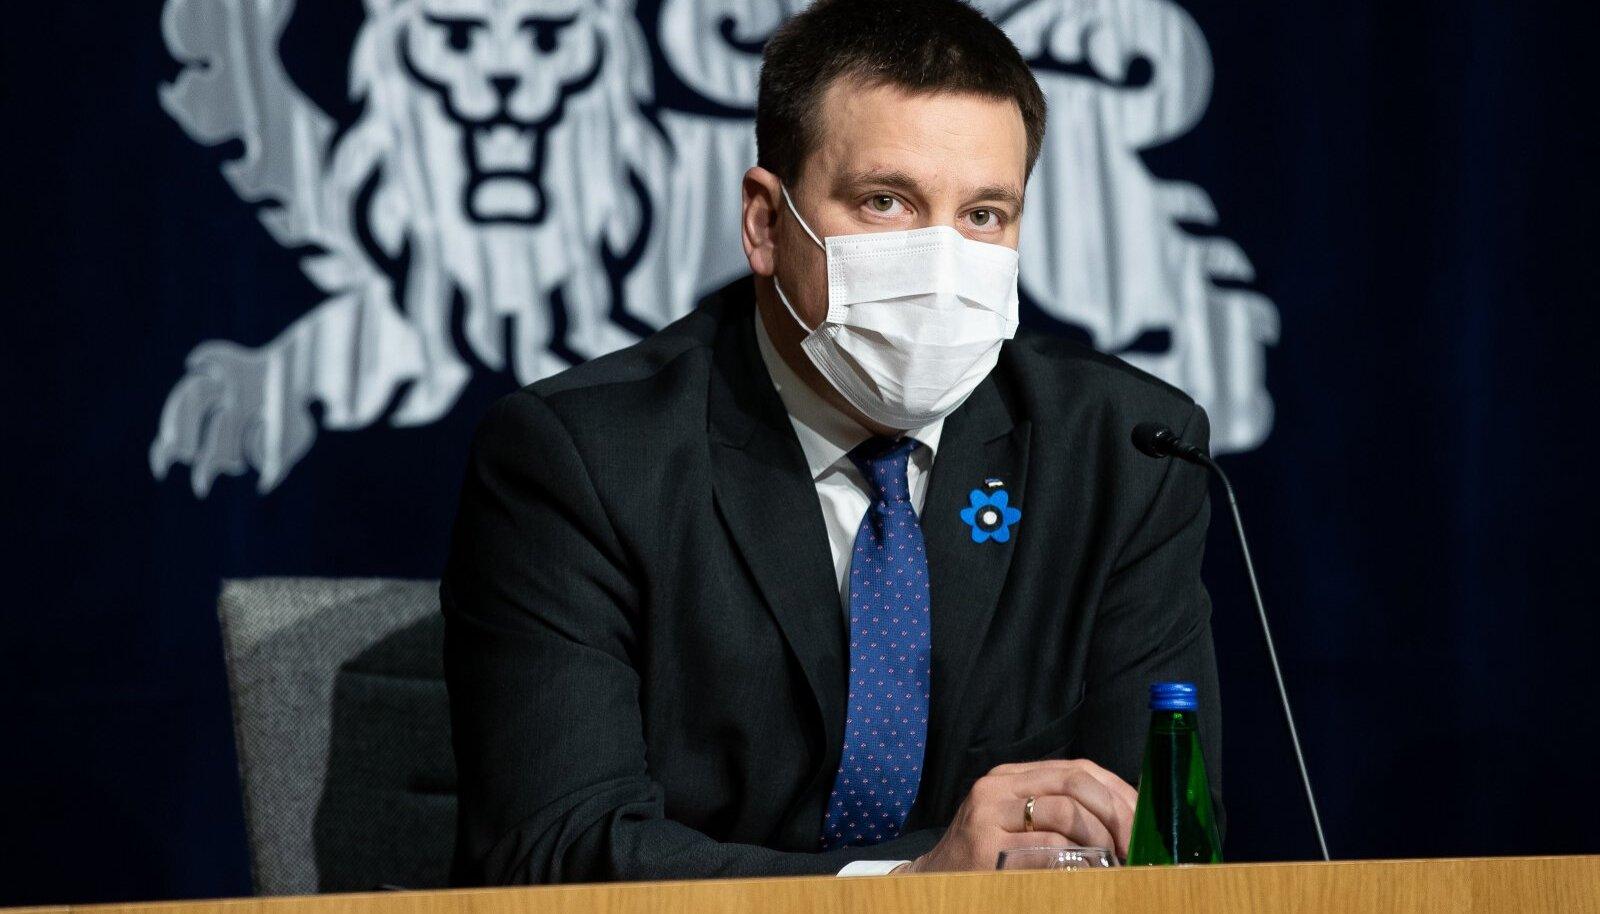 Tallinn, 23.04.2020. Valitsuse pressikonverents ühendministeeriumis.